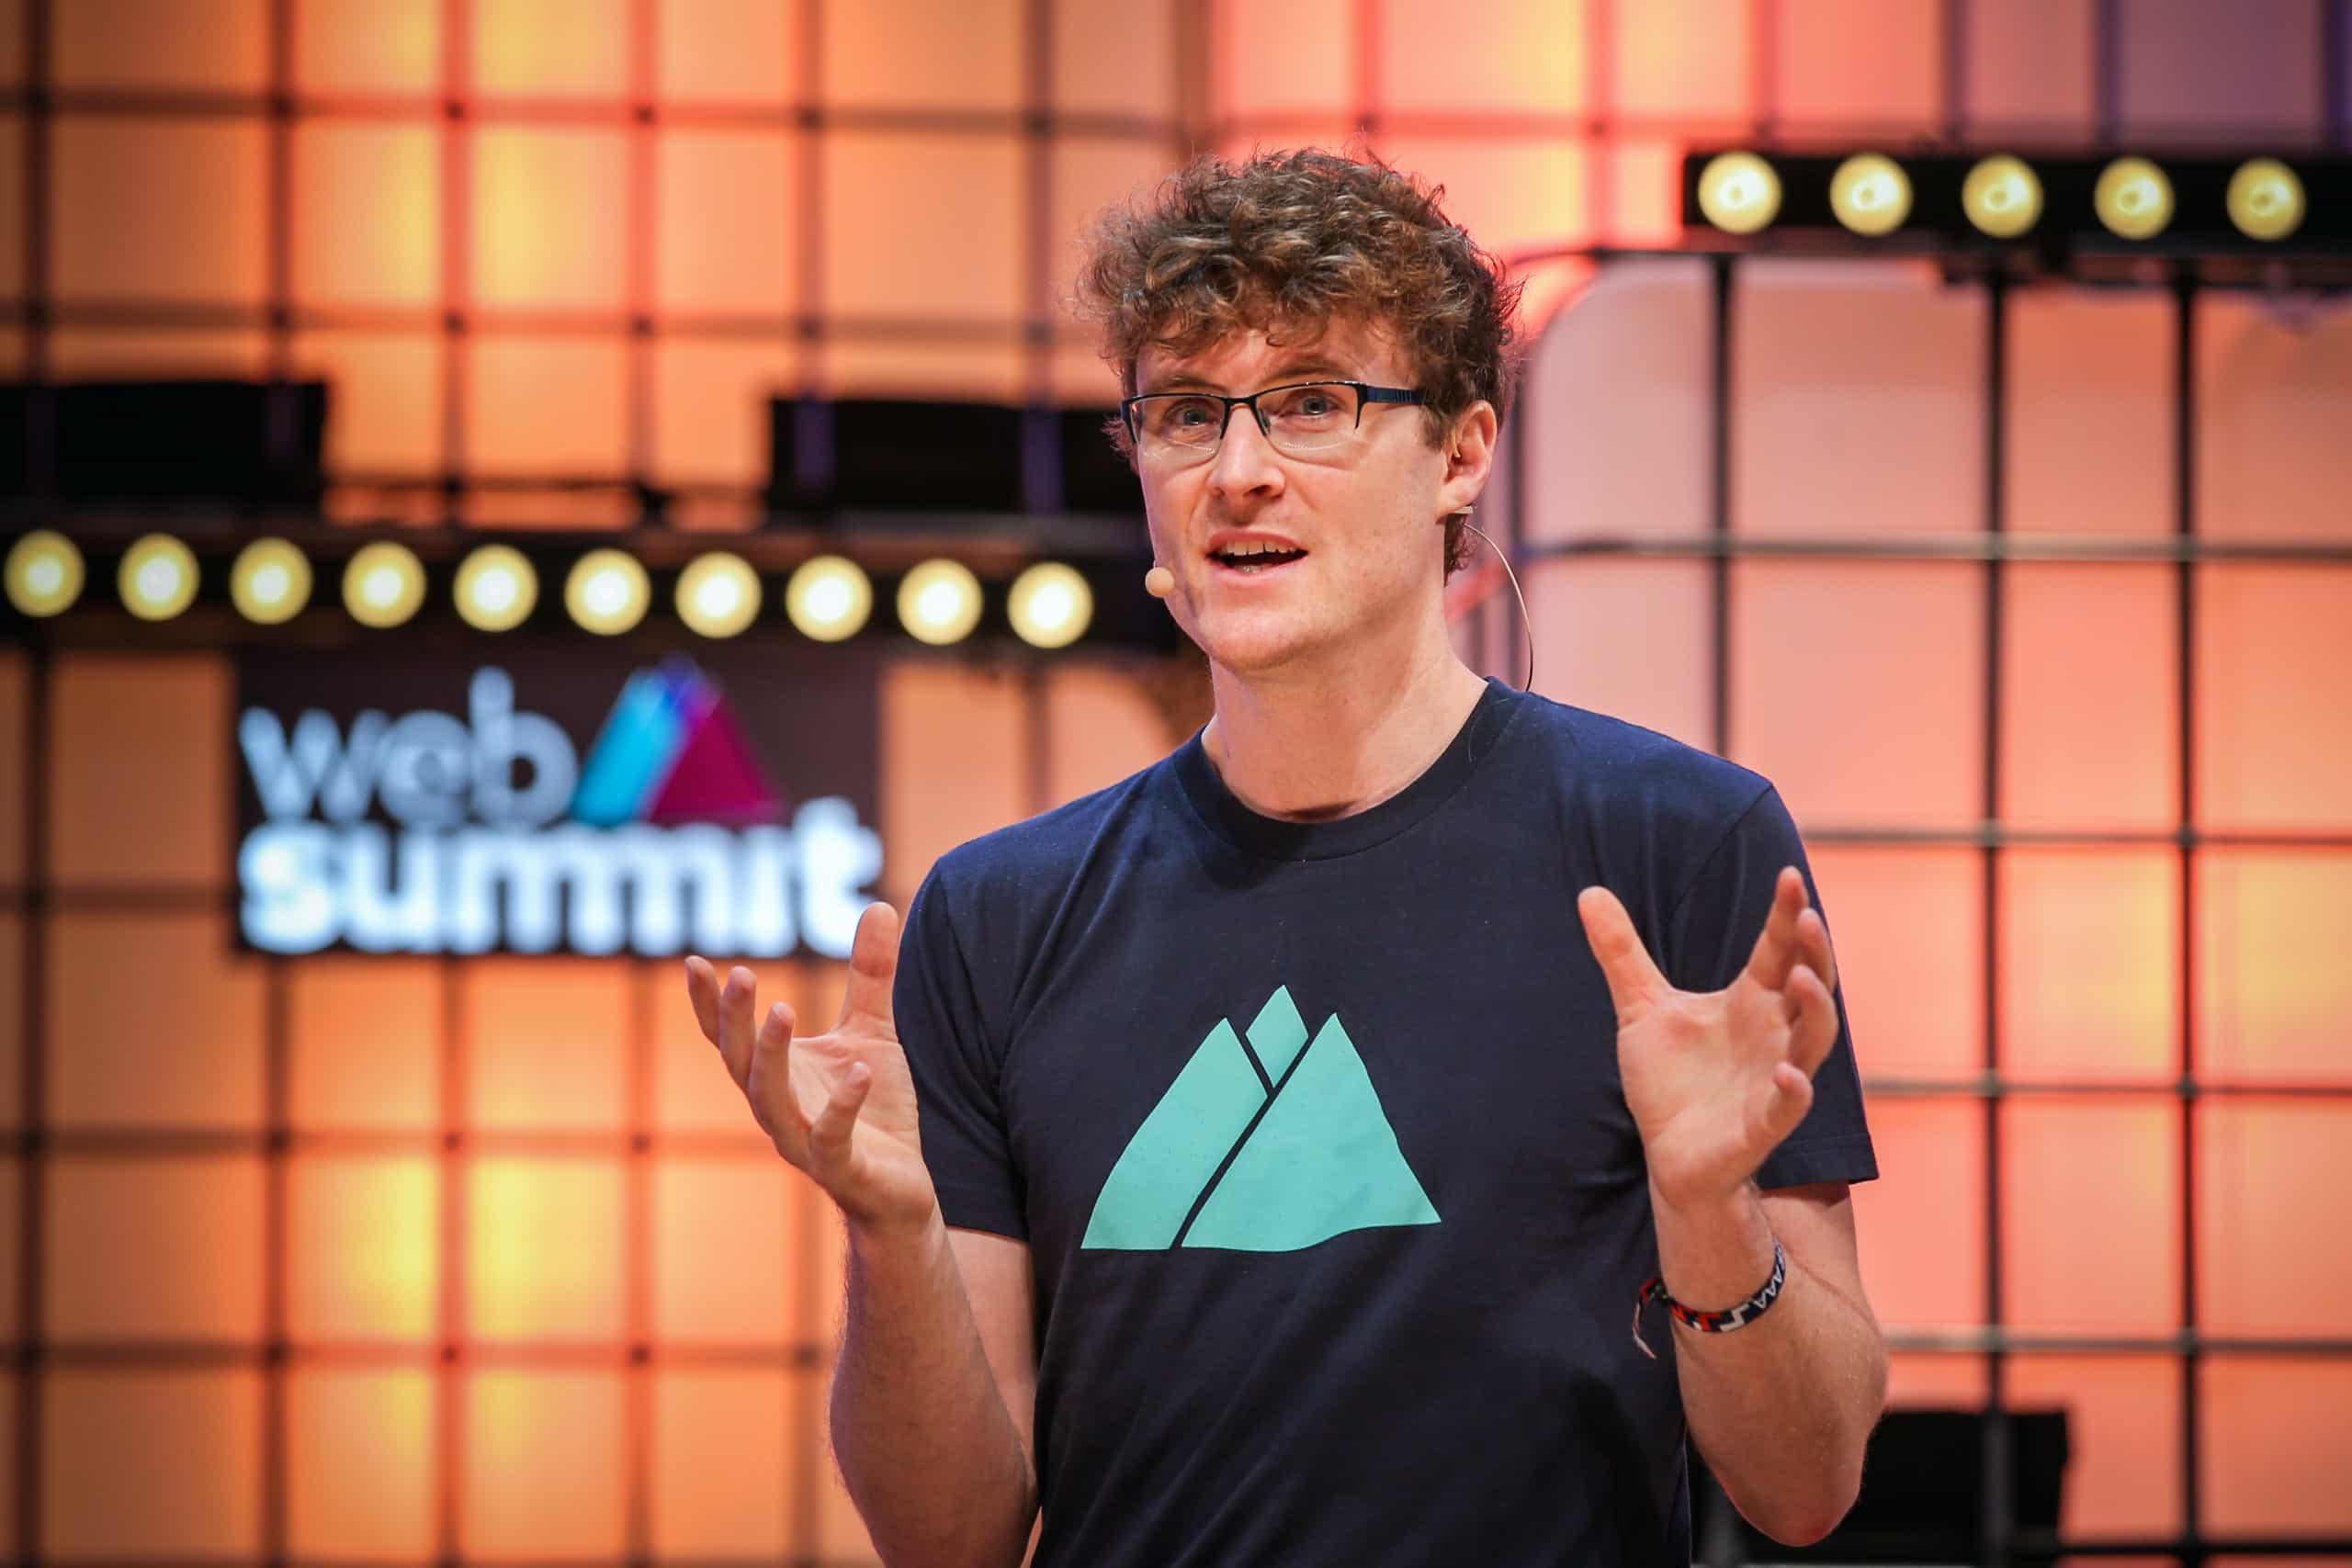 Fundador do Web Summit muda-se para Lisboa e vai expandir escritórios